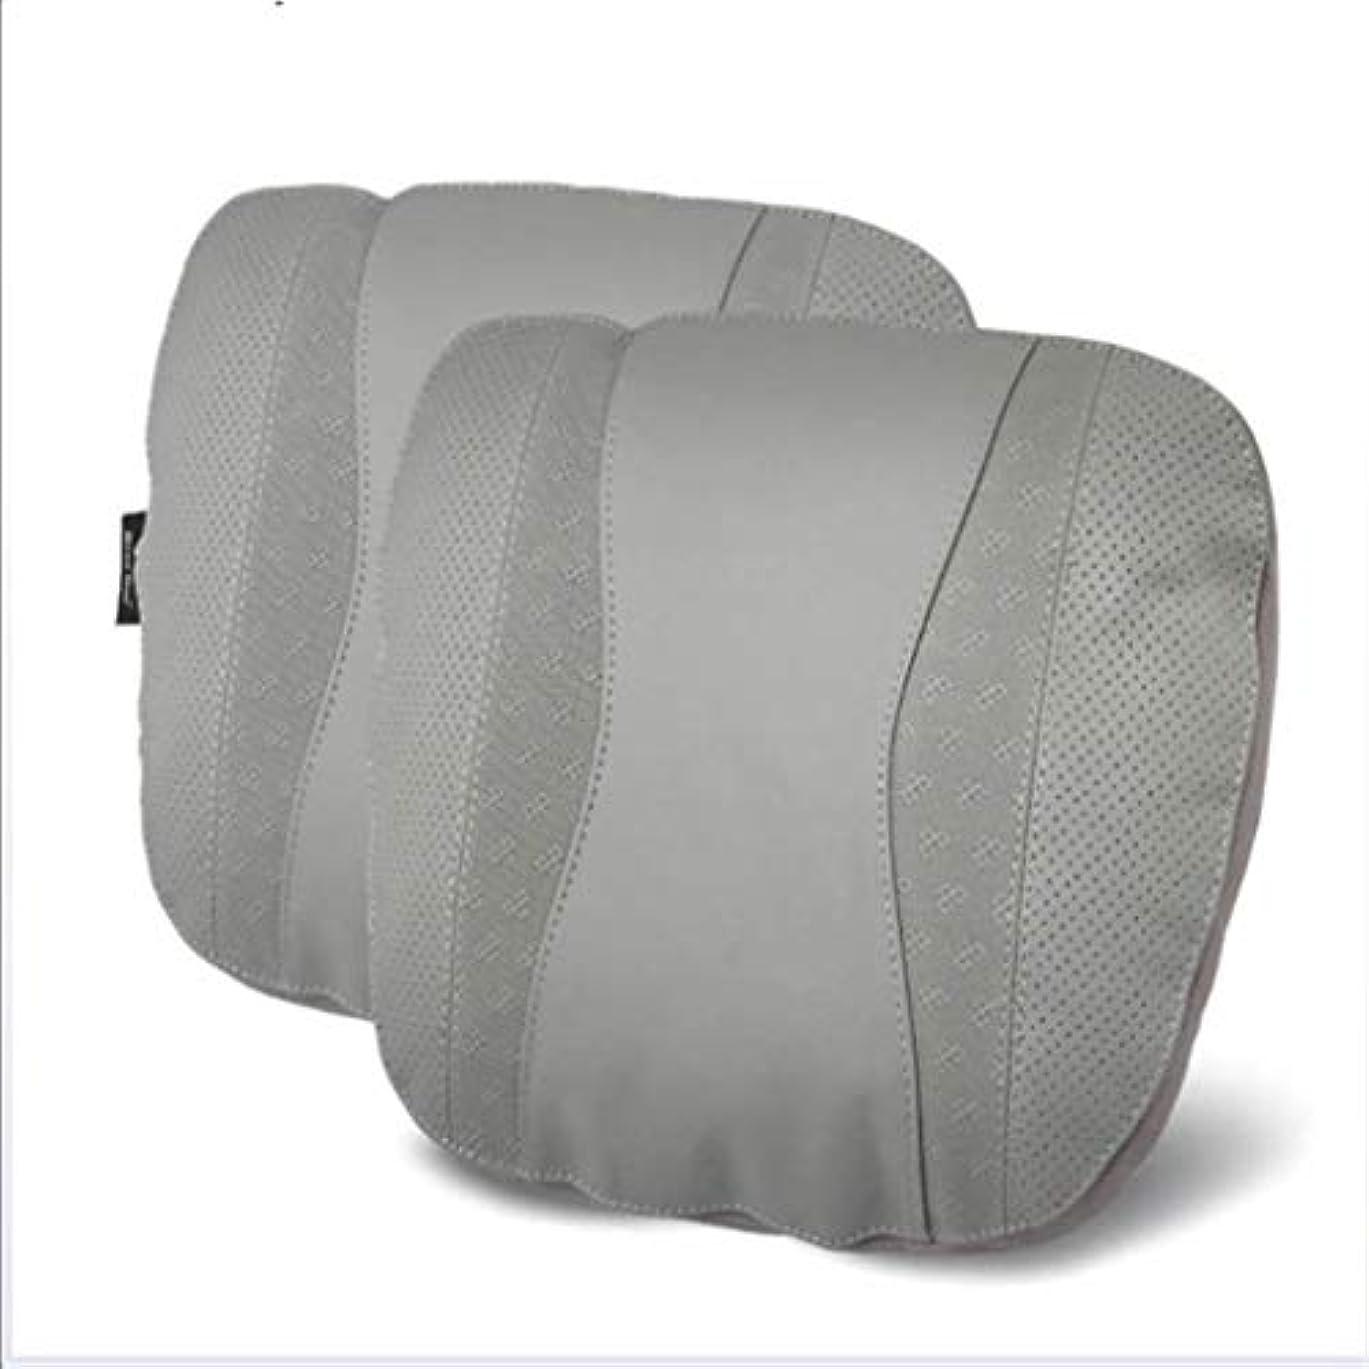 中絶マオリ重要な役割を果たす、中心的な手段となるネックピロー、カーシートネックピロー、トラベルピローネックパッド、カーネックピローサポートピローとして使用、航空機のネックピロー、首の疲れを和らげる (Color : Gray)